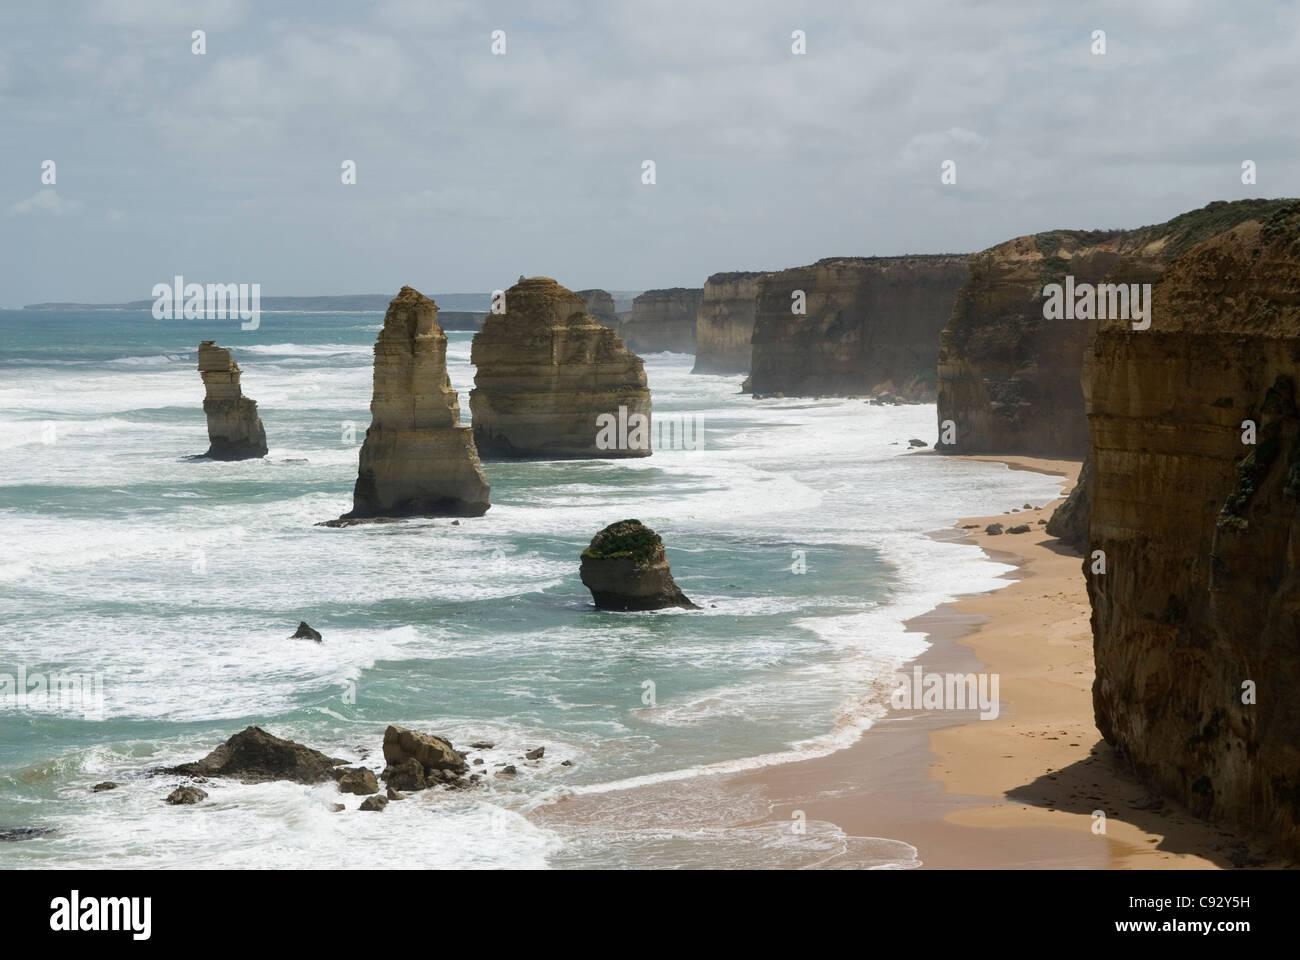 Les douze apôtres est une collection de cheminées de calcaire de la rive du Port Campbell National Park Photo Stock